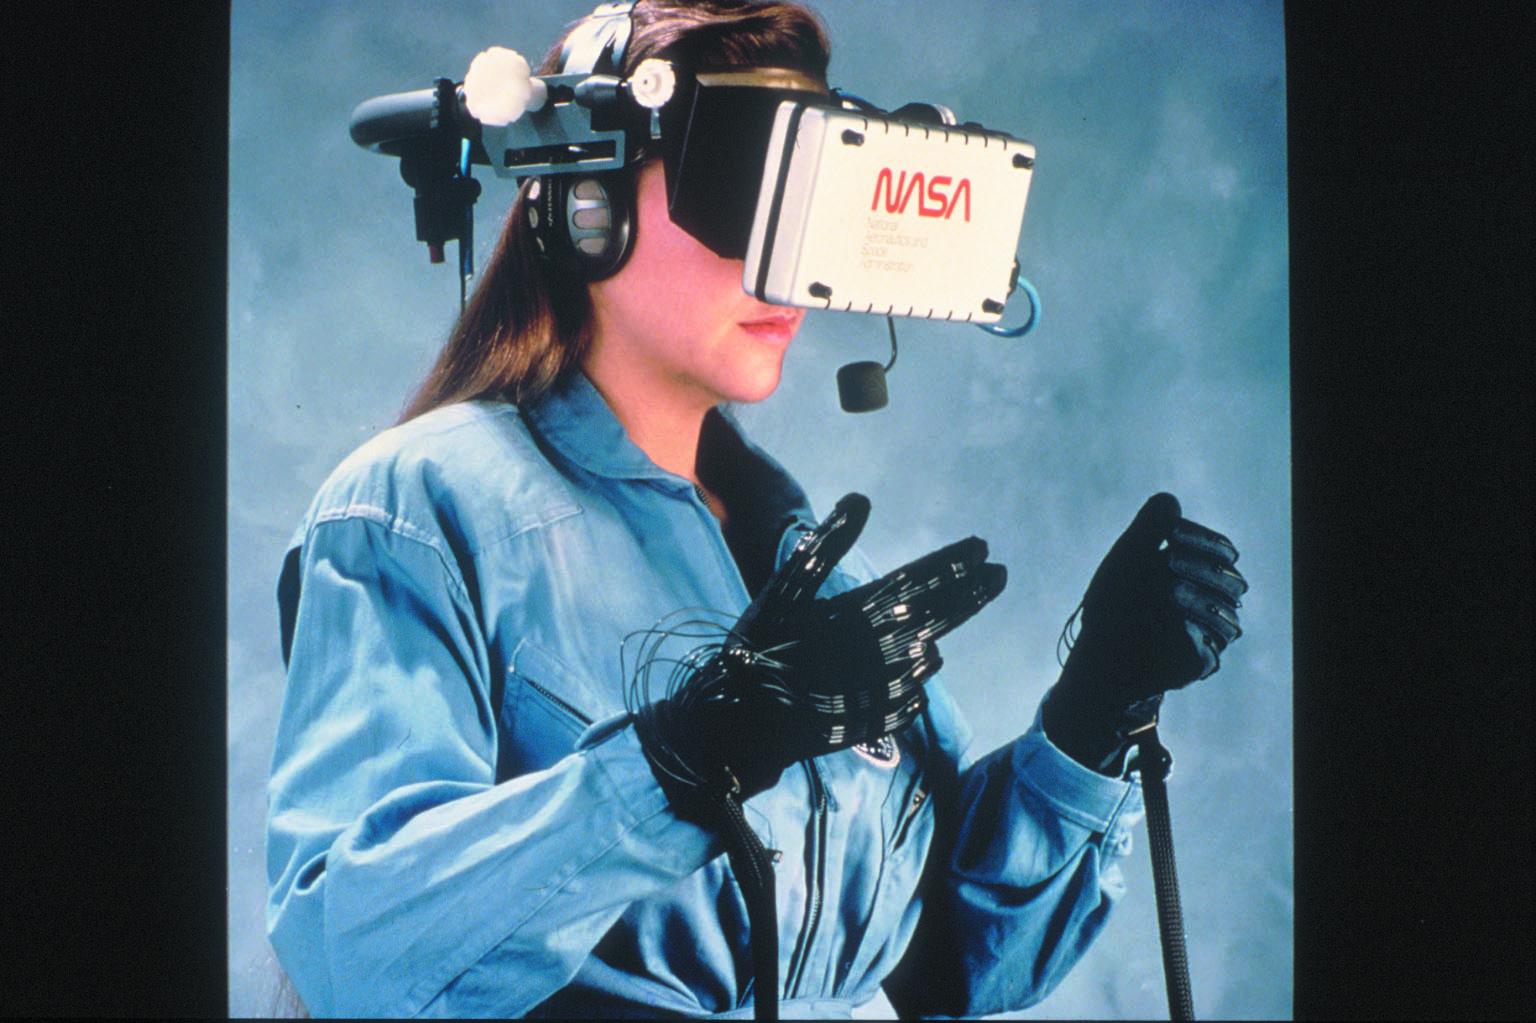 L'elmo della nasa per la realtà virtuale stereoscopica.